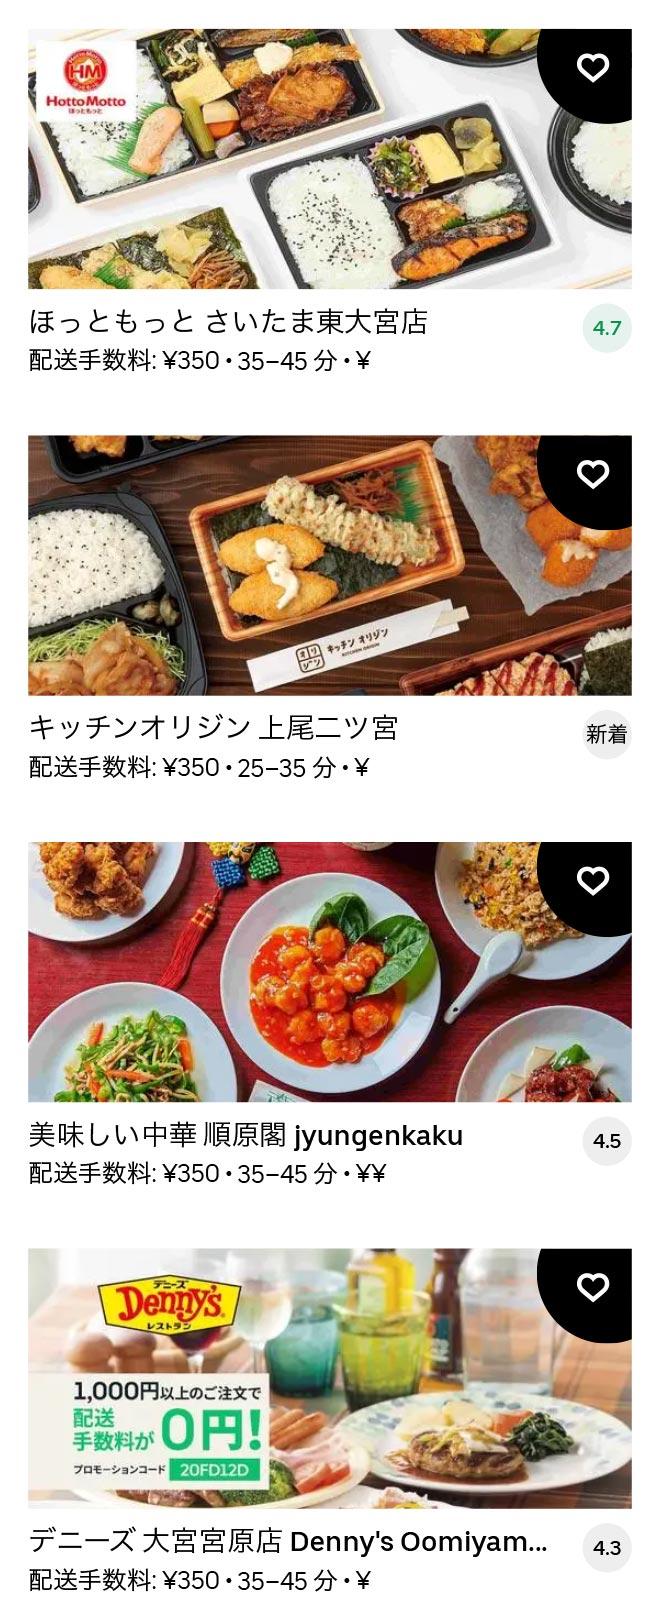 Haraichi menu 2012 03